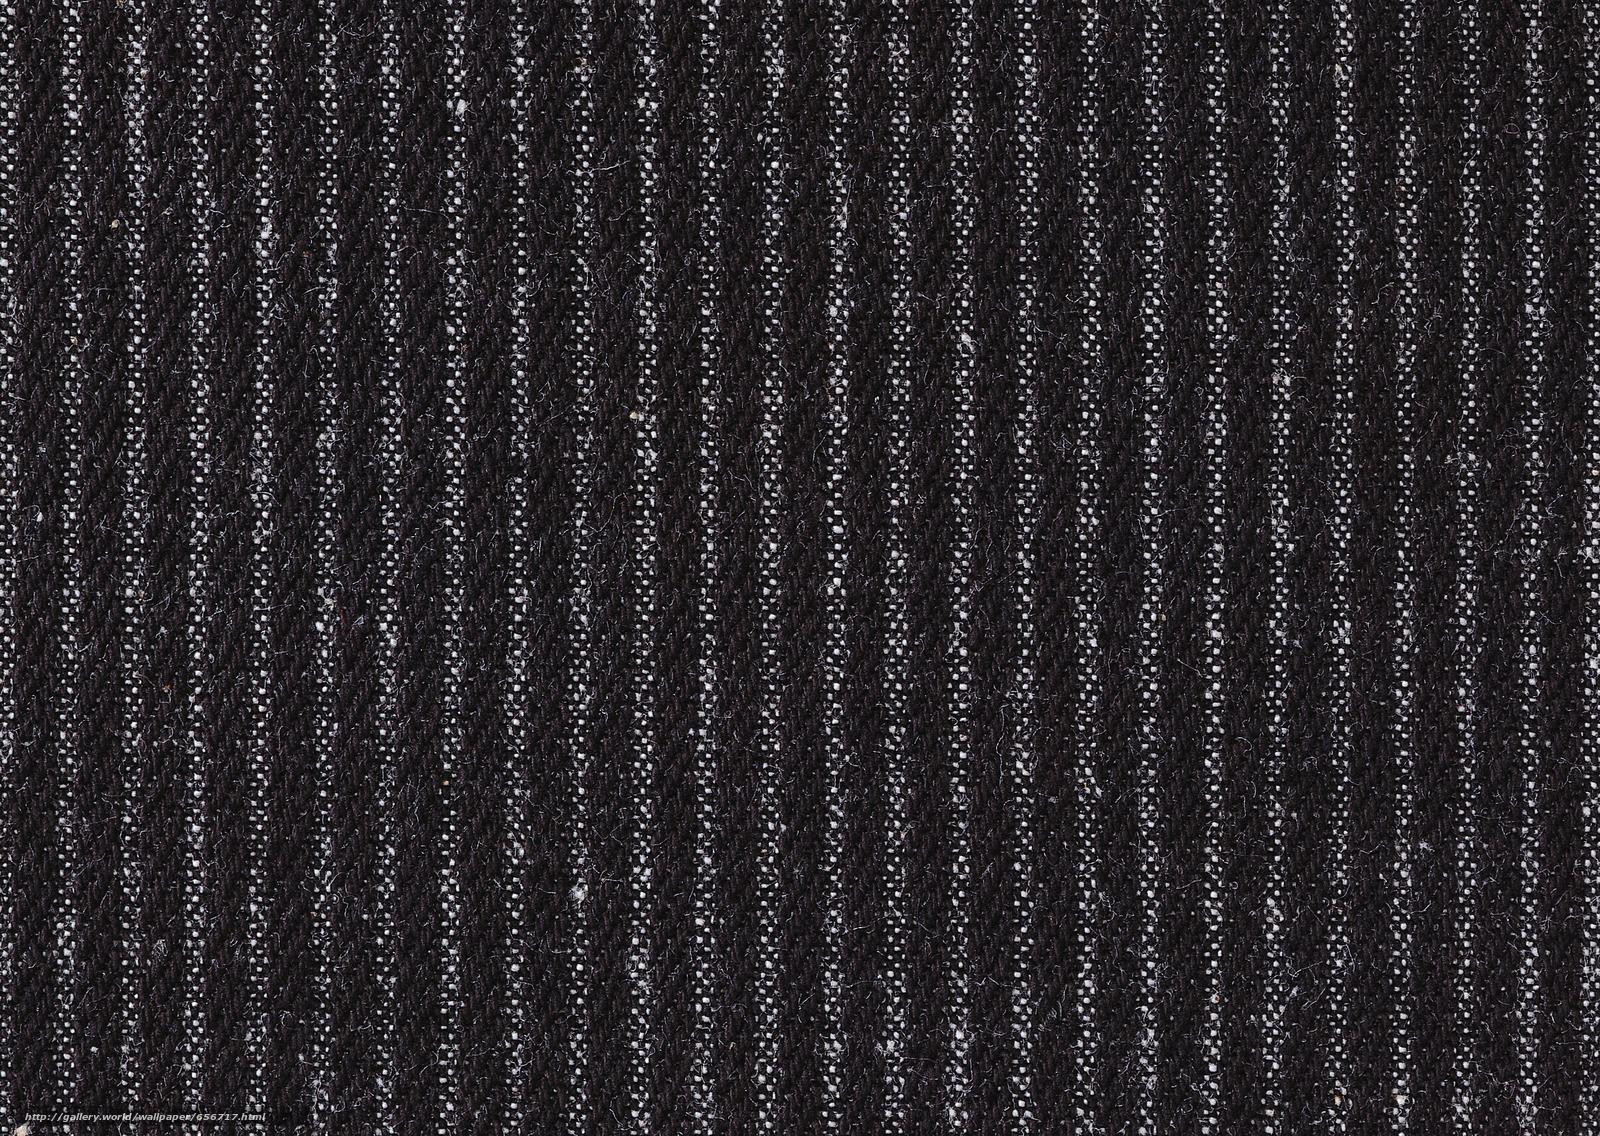 Download Hintergrund BESCHAFFENHEITS,  Texture,  Hintergrund,  Hintergründe Freie desktop Tapeten in der Auflosung 2950x2094 — bild №656717